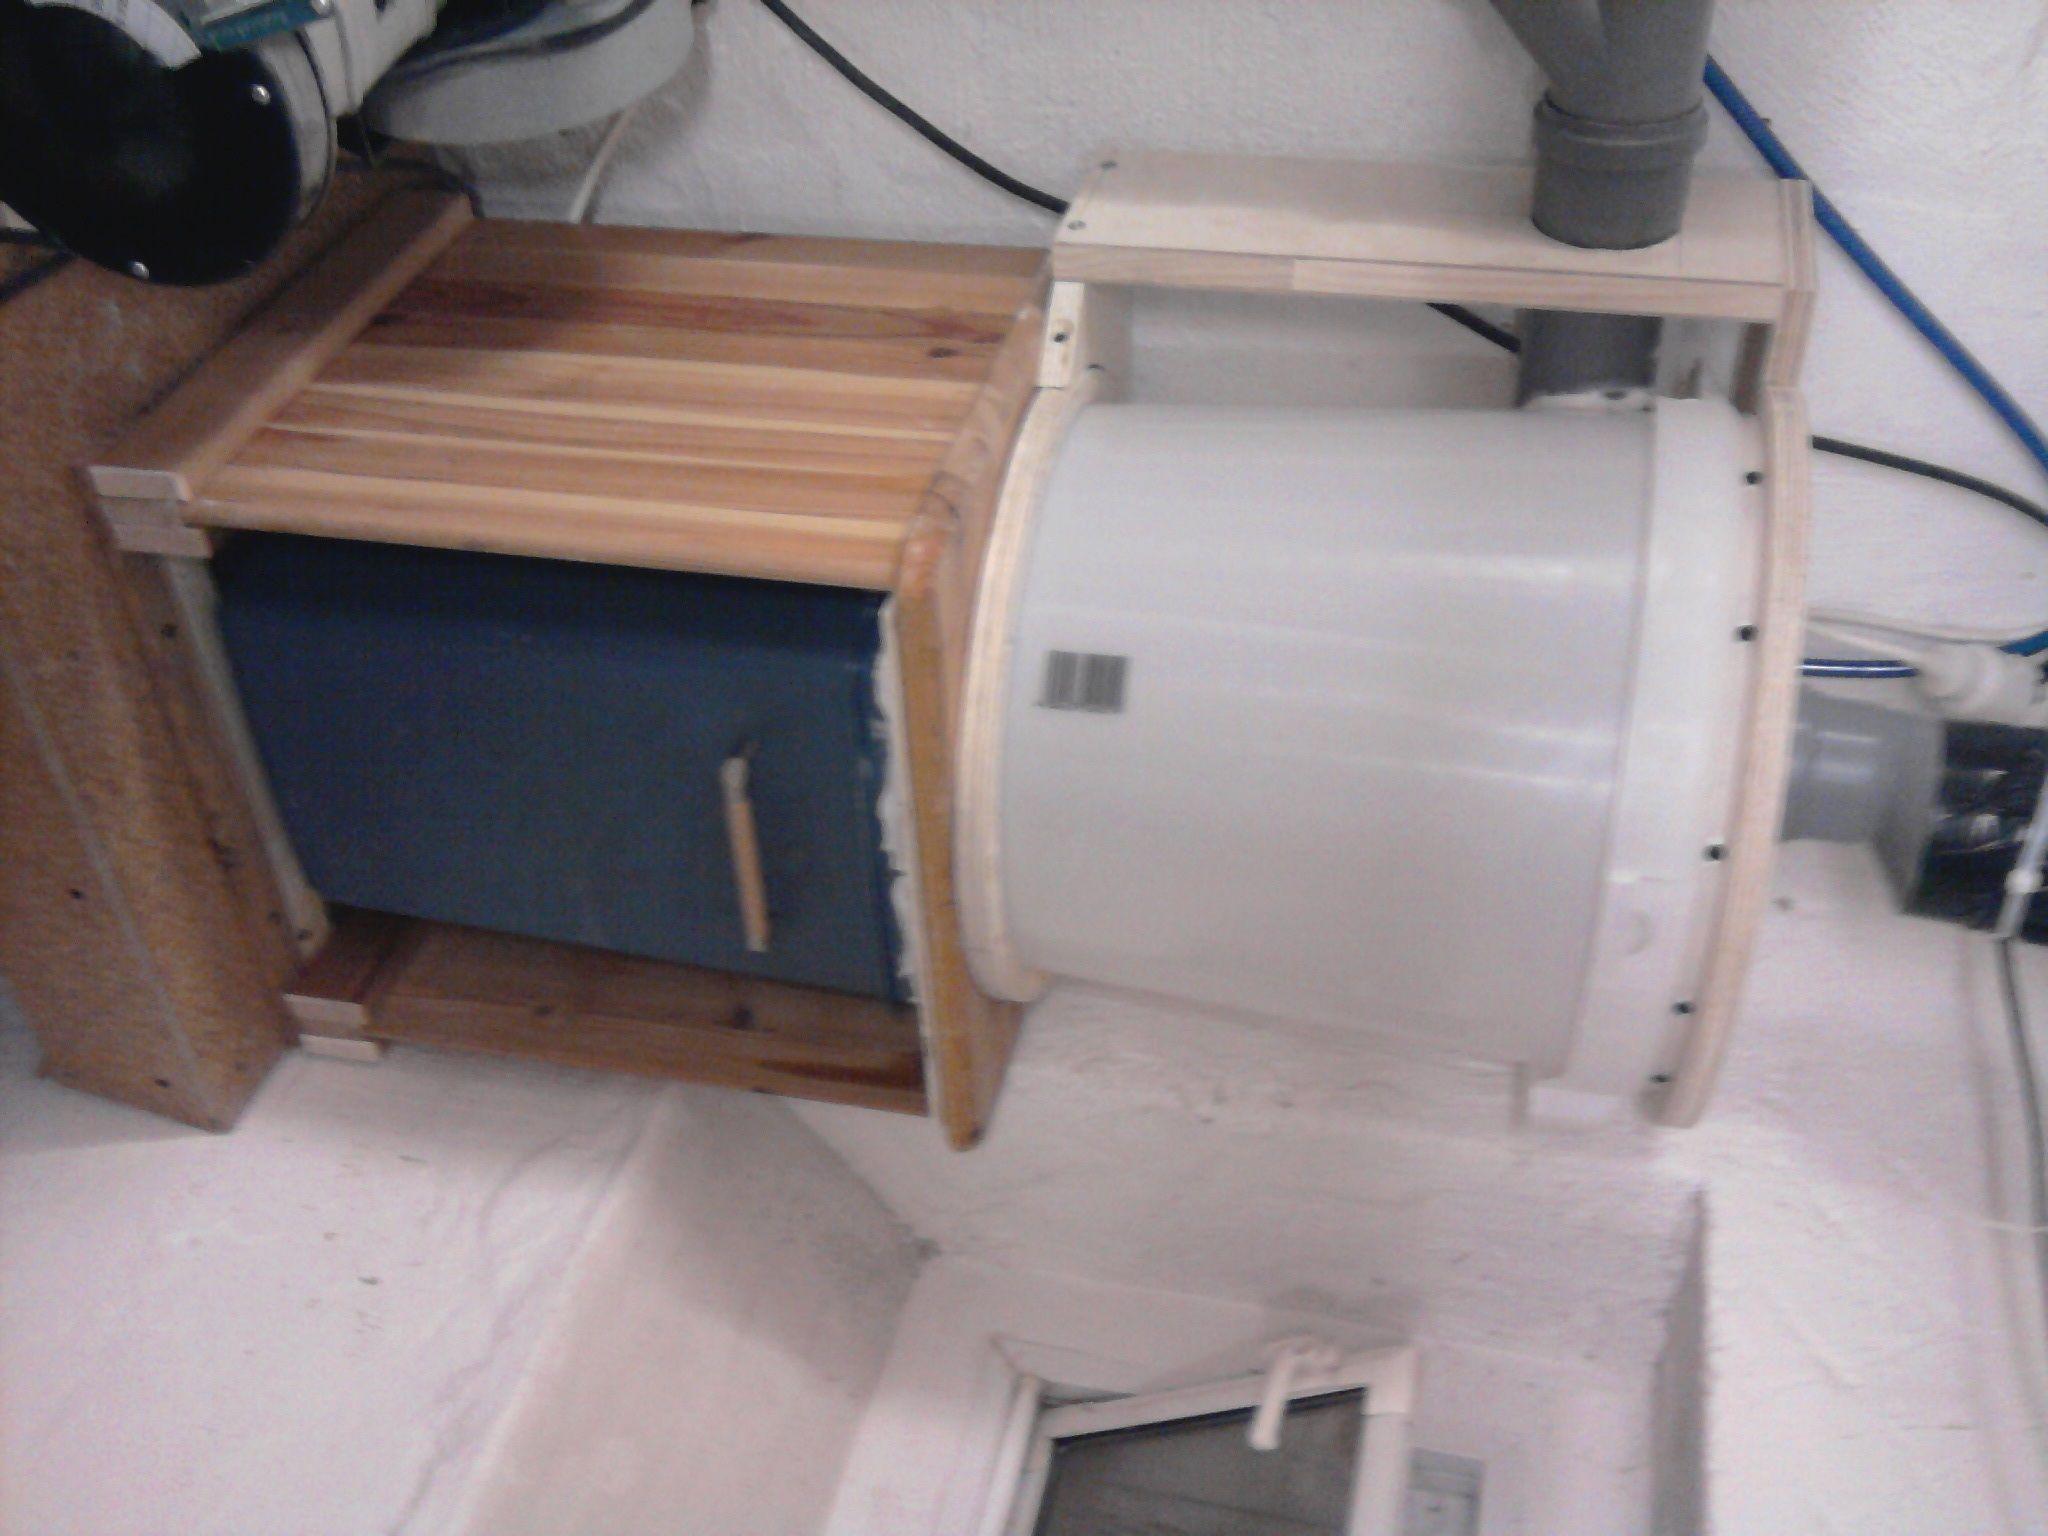 zyklonabscheider mit absauganlage bauanleitung zum selber projekte absauganlage. Black Bedroom Furniture Sets. Home Design Ideas